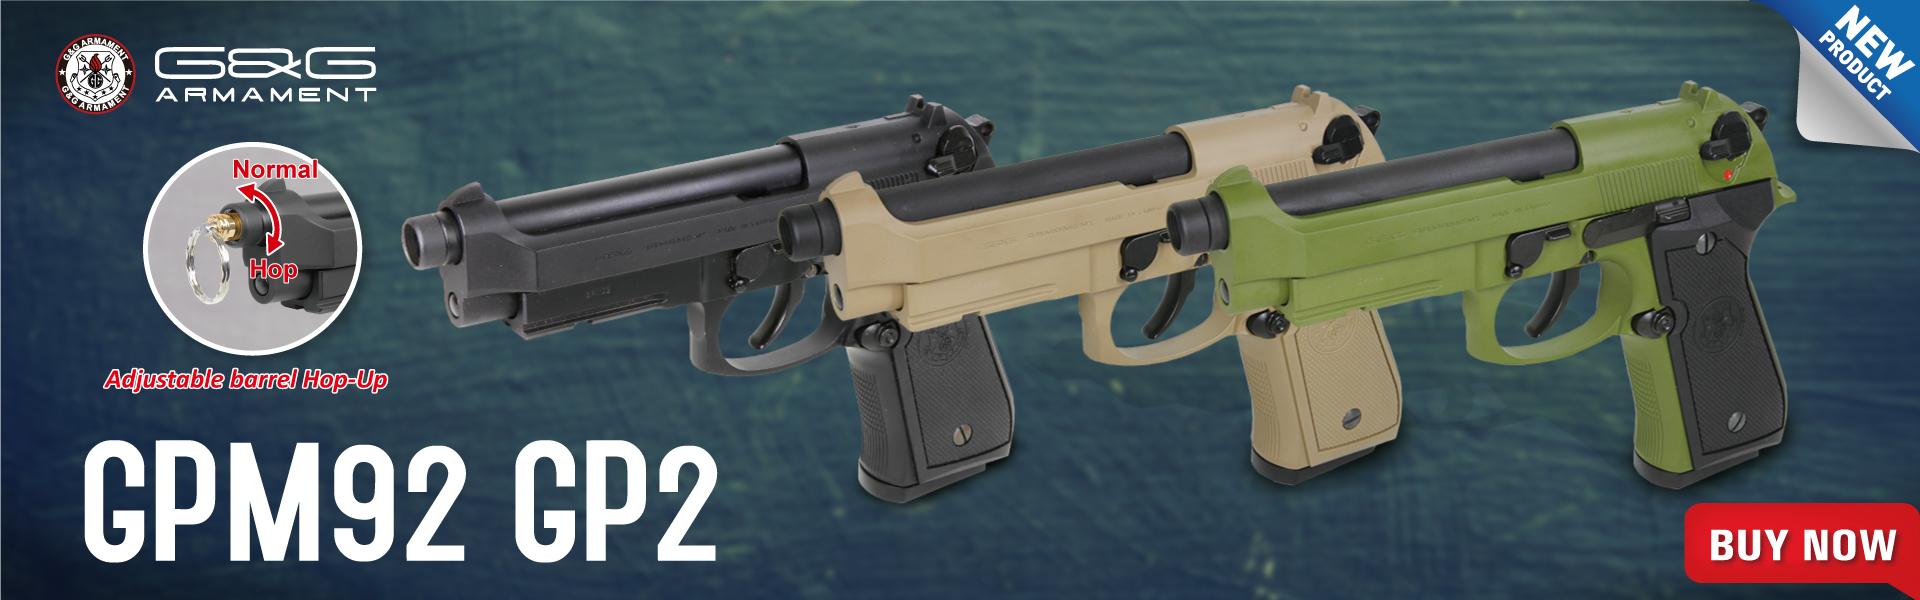 GPM92 GP2